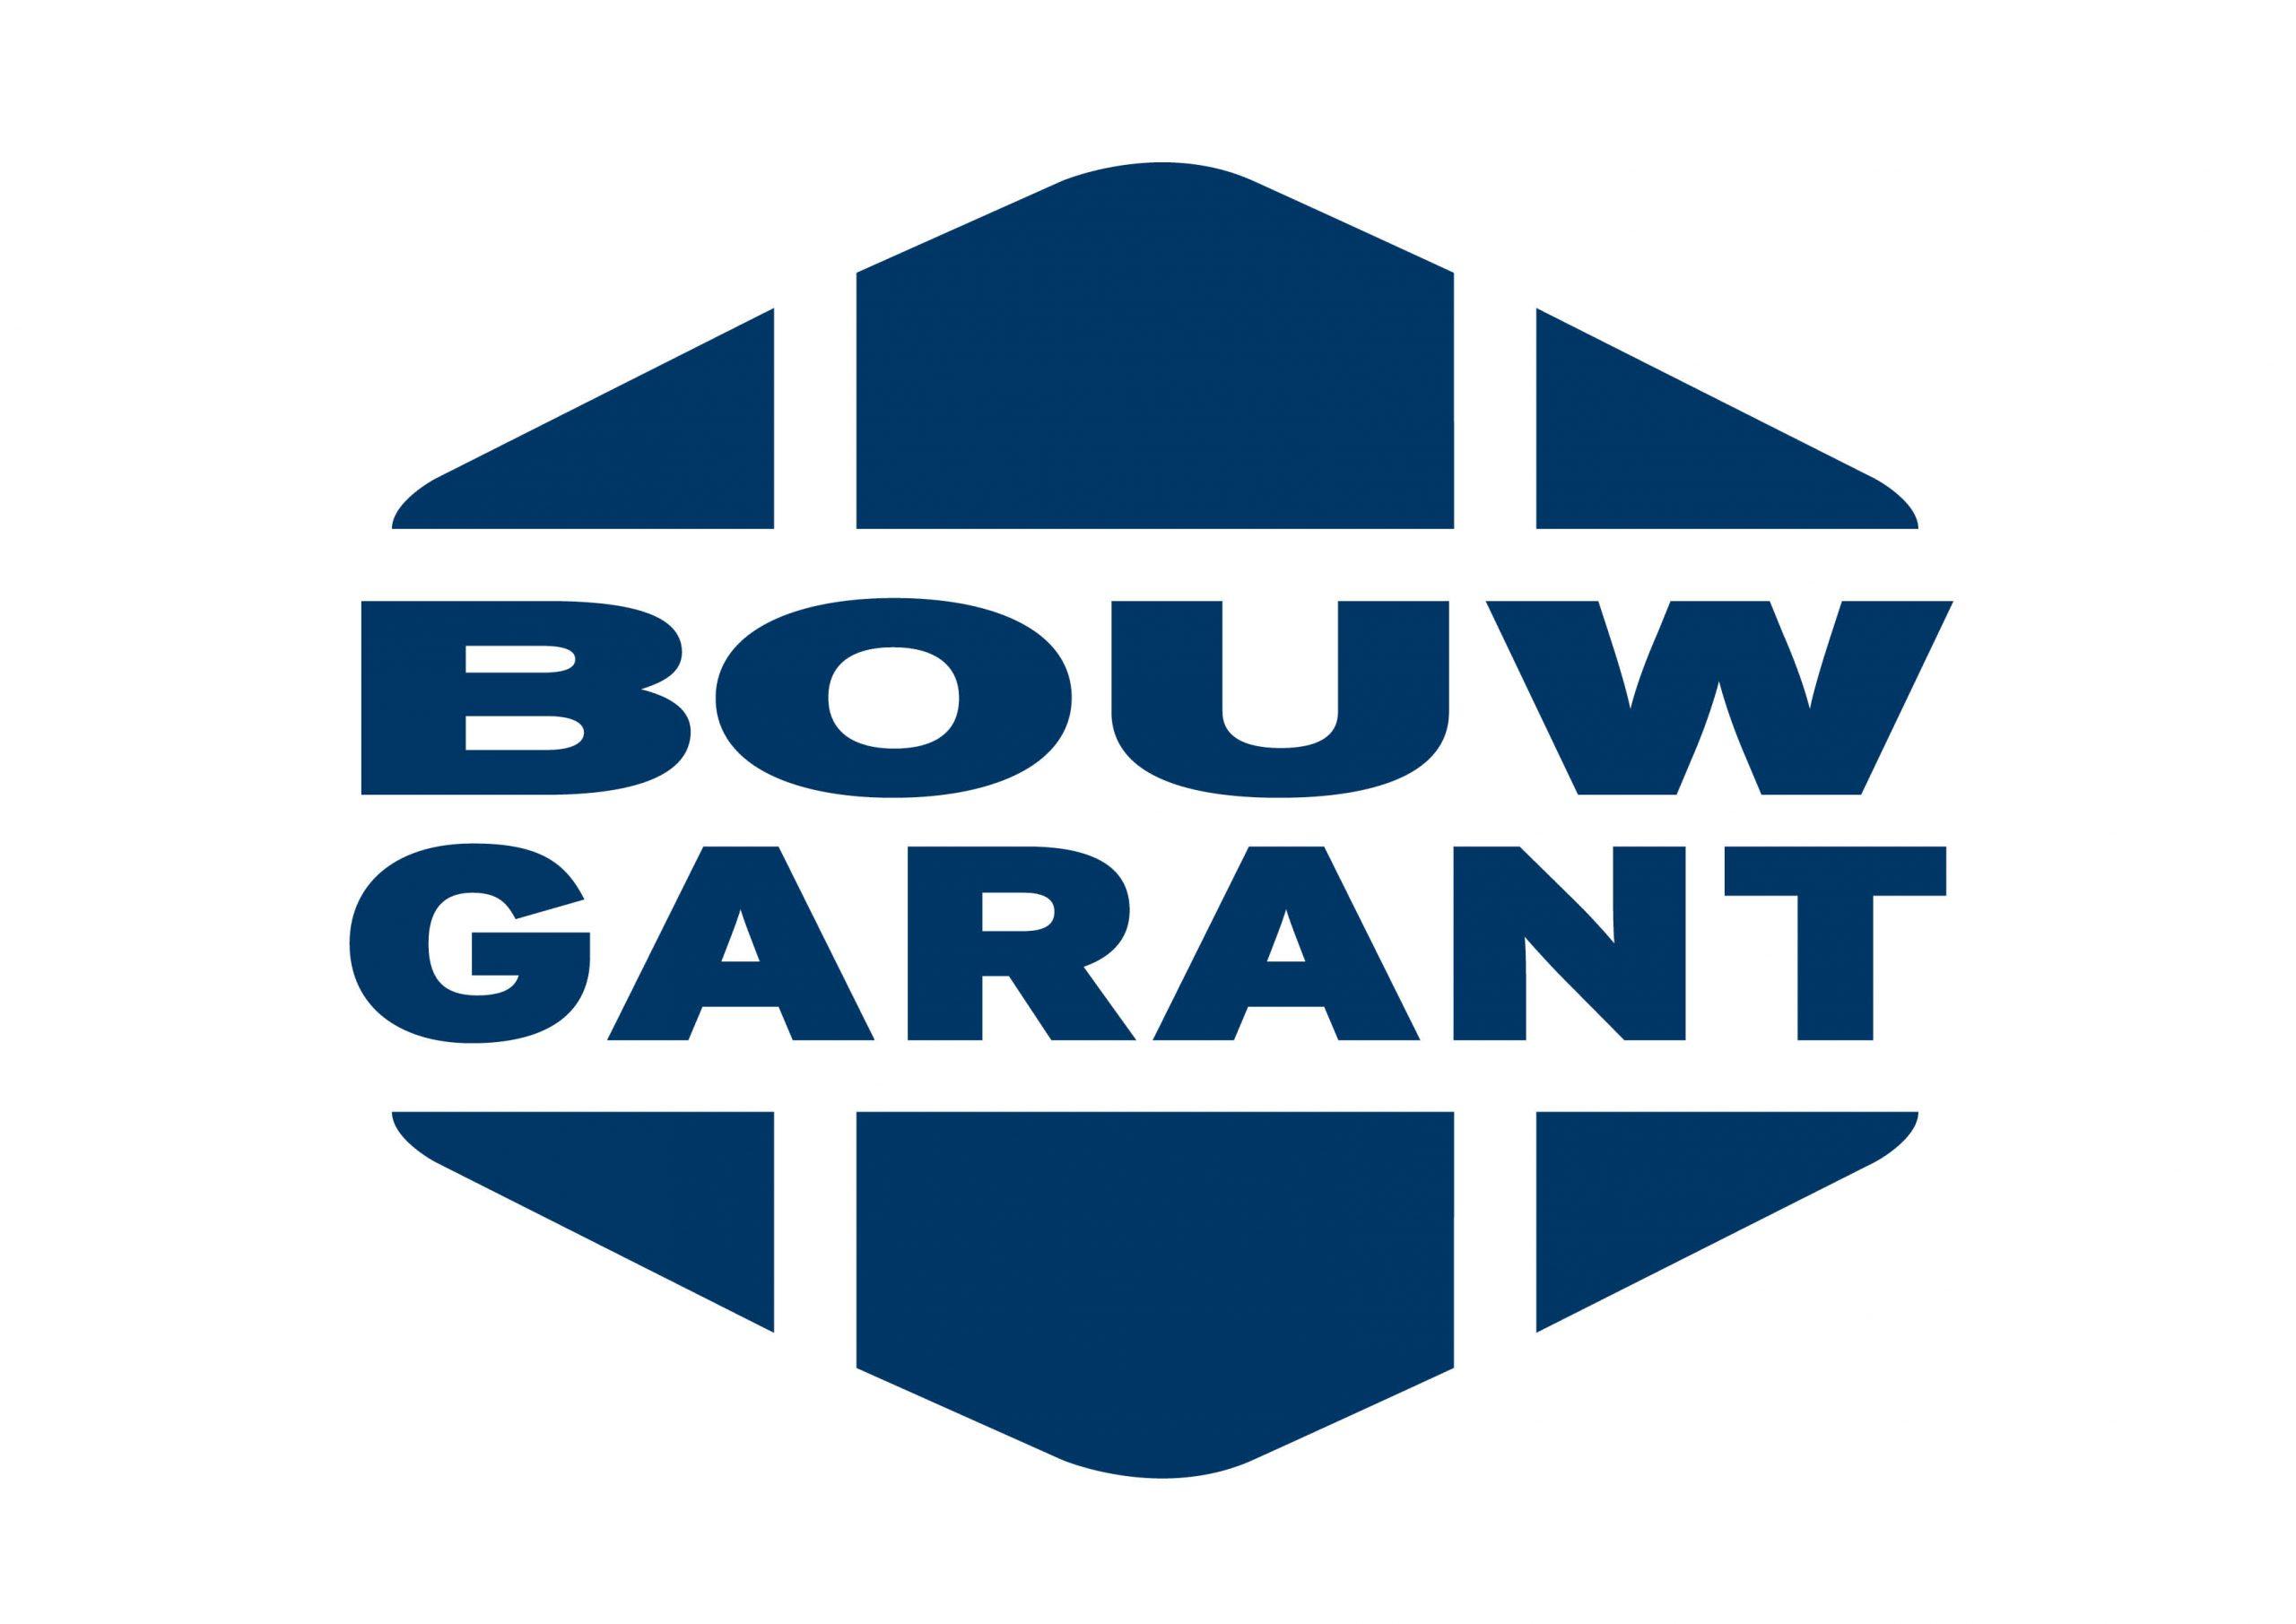 Scab_Kiezen voor met een BouwGarant-aannemer, dat is kiezen voor optimale zekerheid bij uw bouw-, verbouw- of renovatieproject. Dit zijn de zekerheden van BouwGarant: